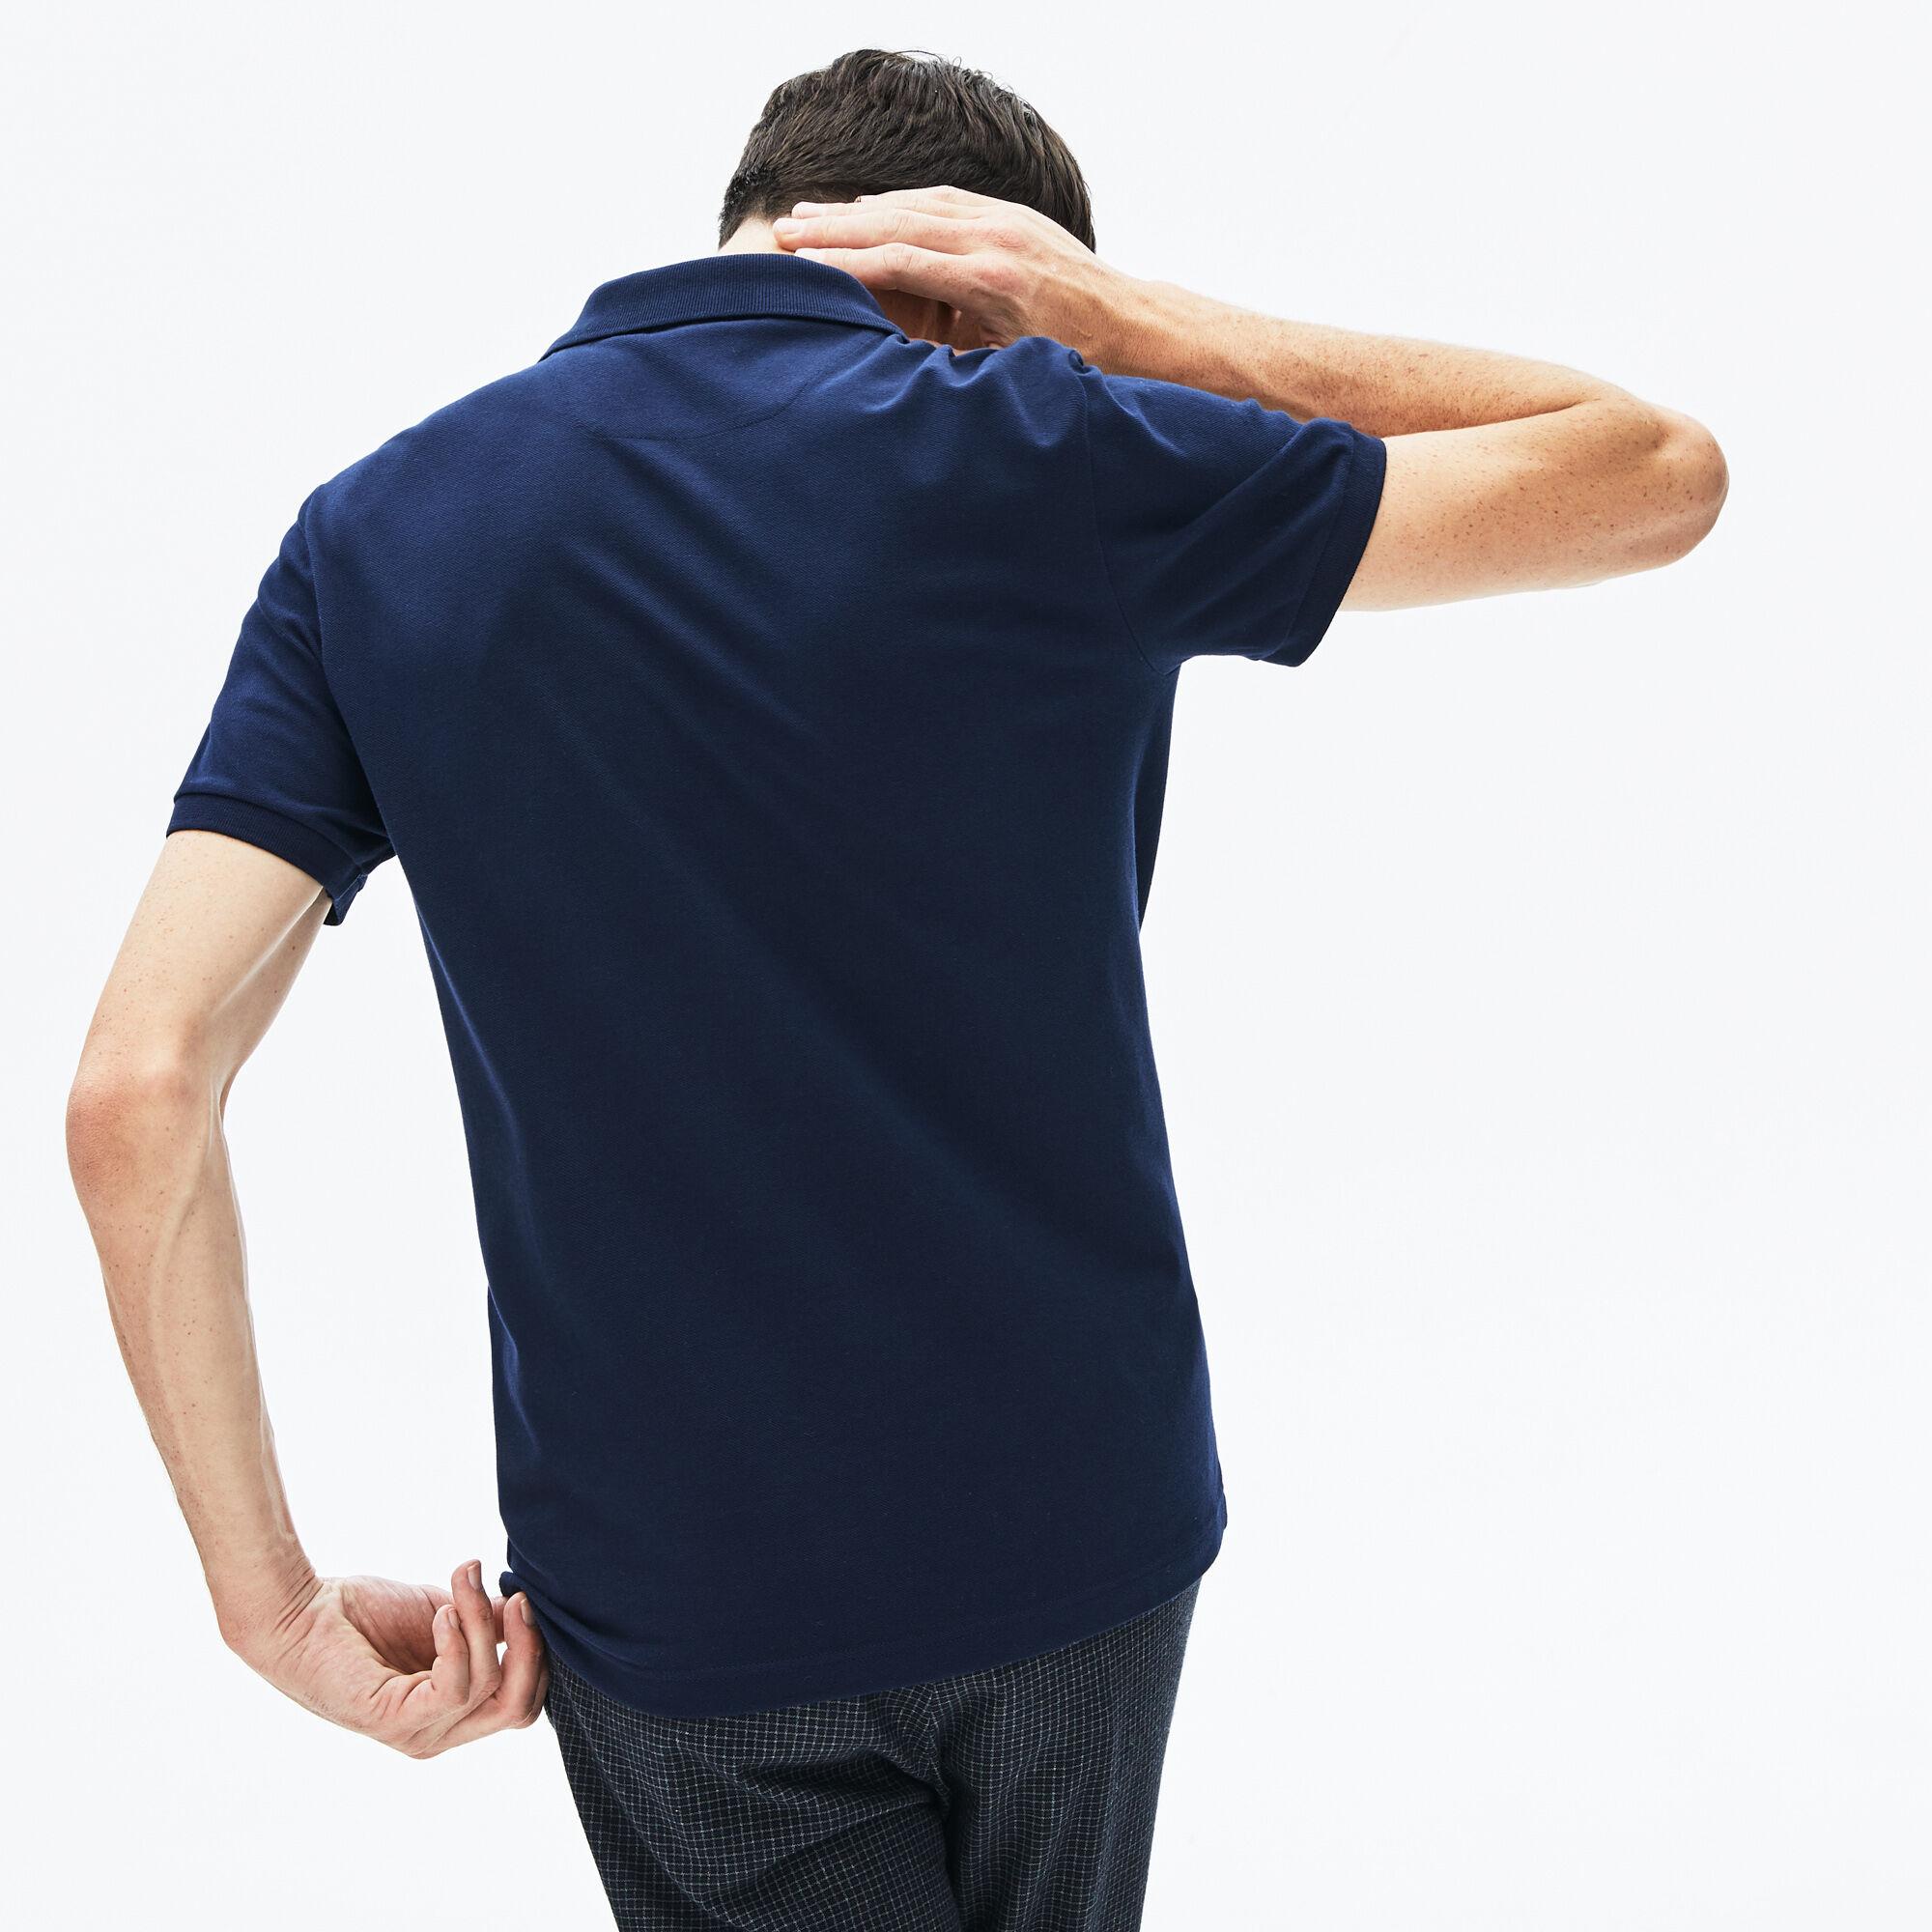 قميص بولو للرجال من بيكيه المرن ذو قصة ضيقة وكلمة Lacoste المميزة بألوان متعددة